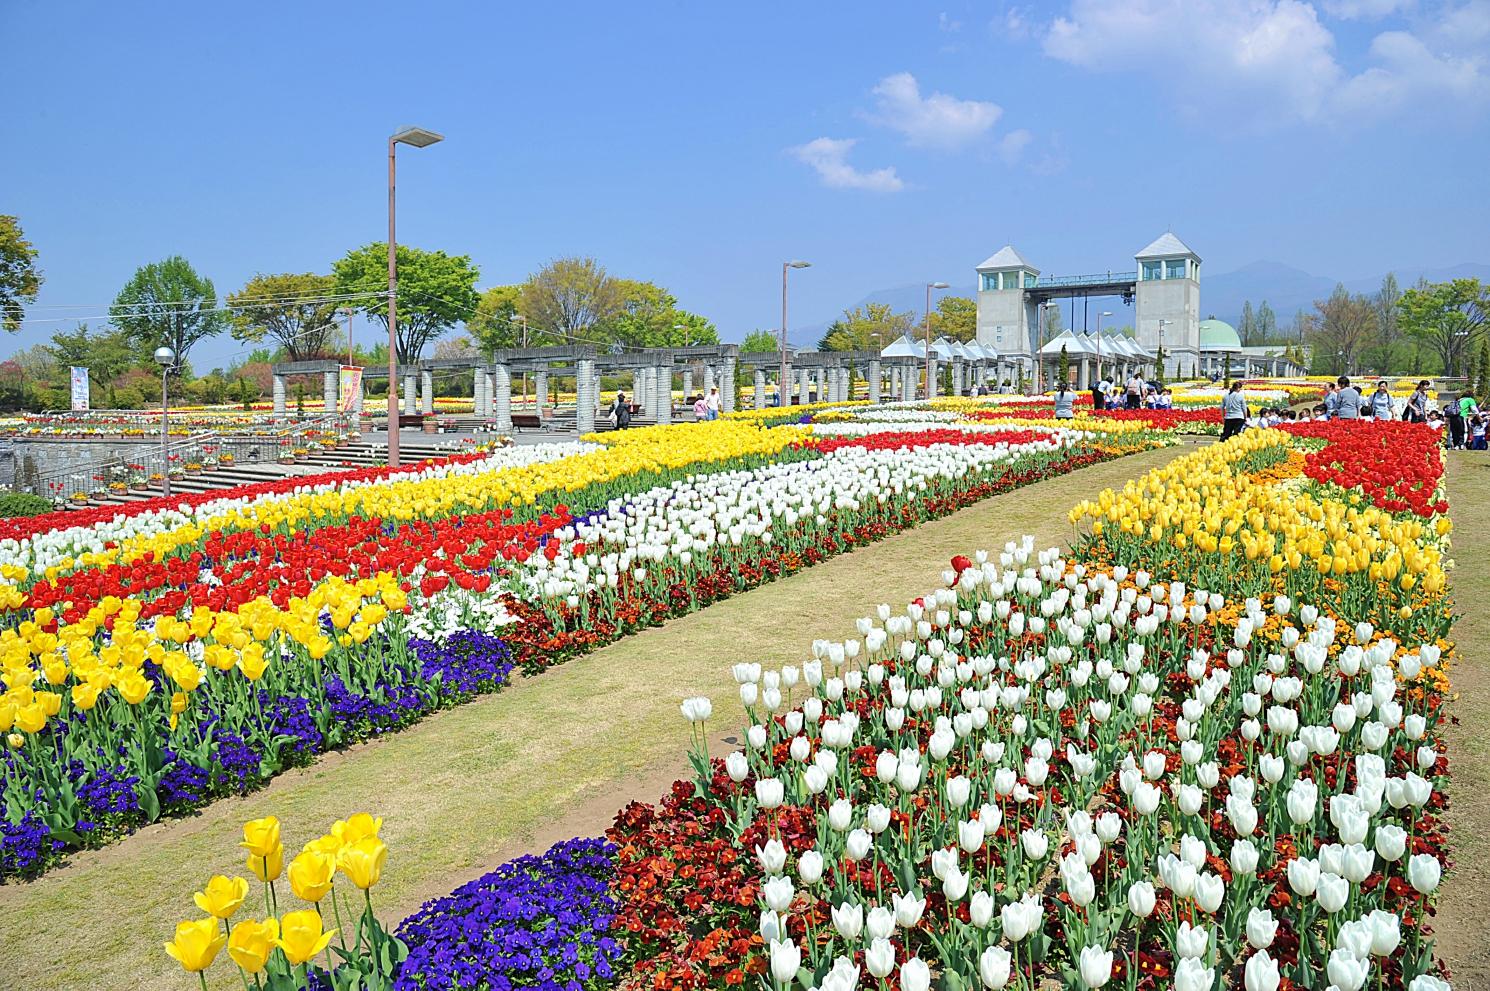 70品種20万球のチューリップが見頃! 笑顔が咲く ぐんまフラワーパーク、春フェスタ4/6~4/29開催